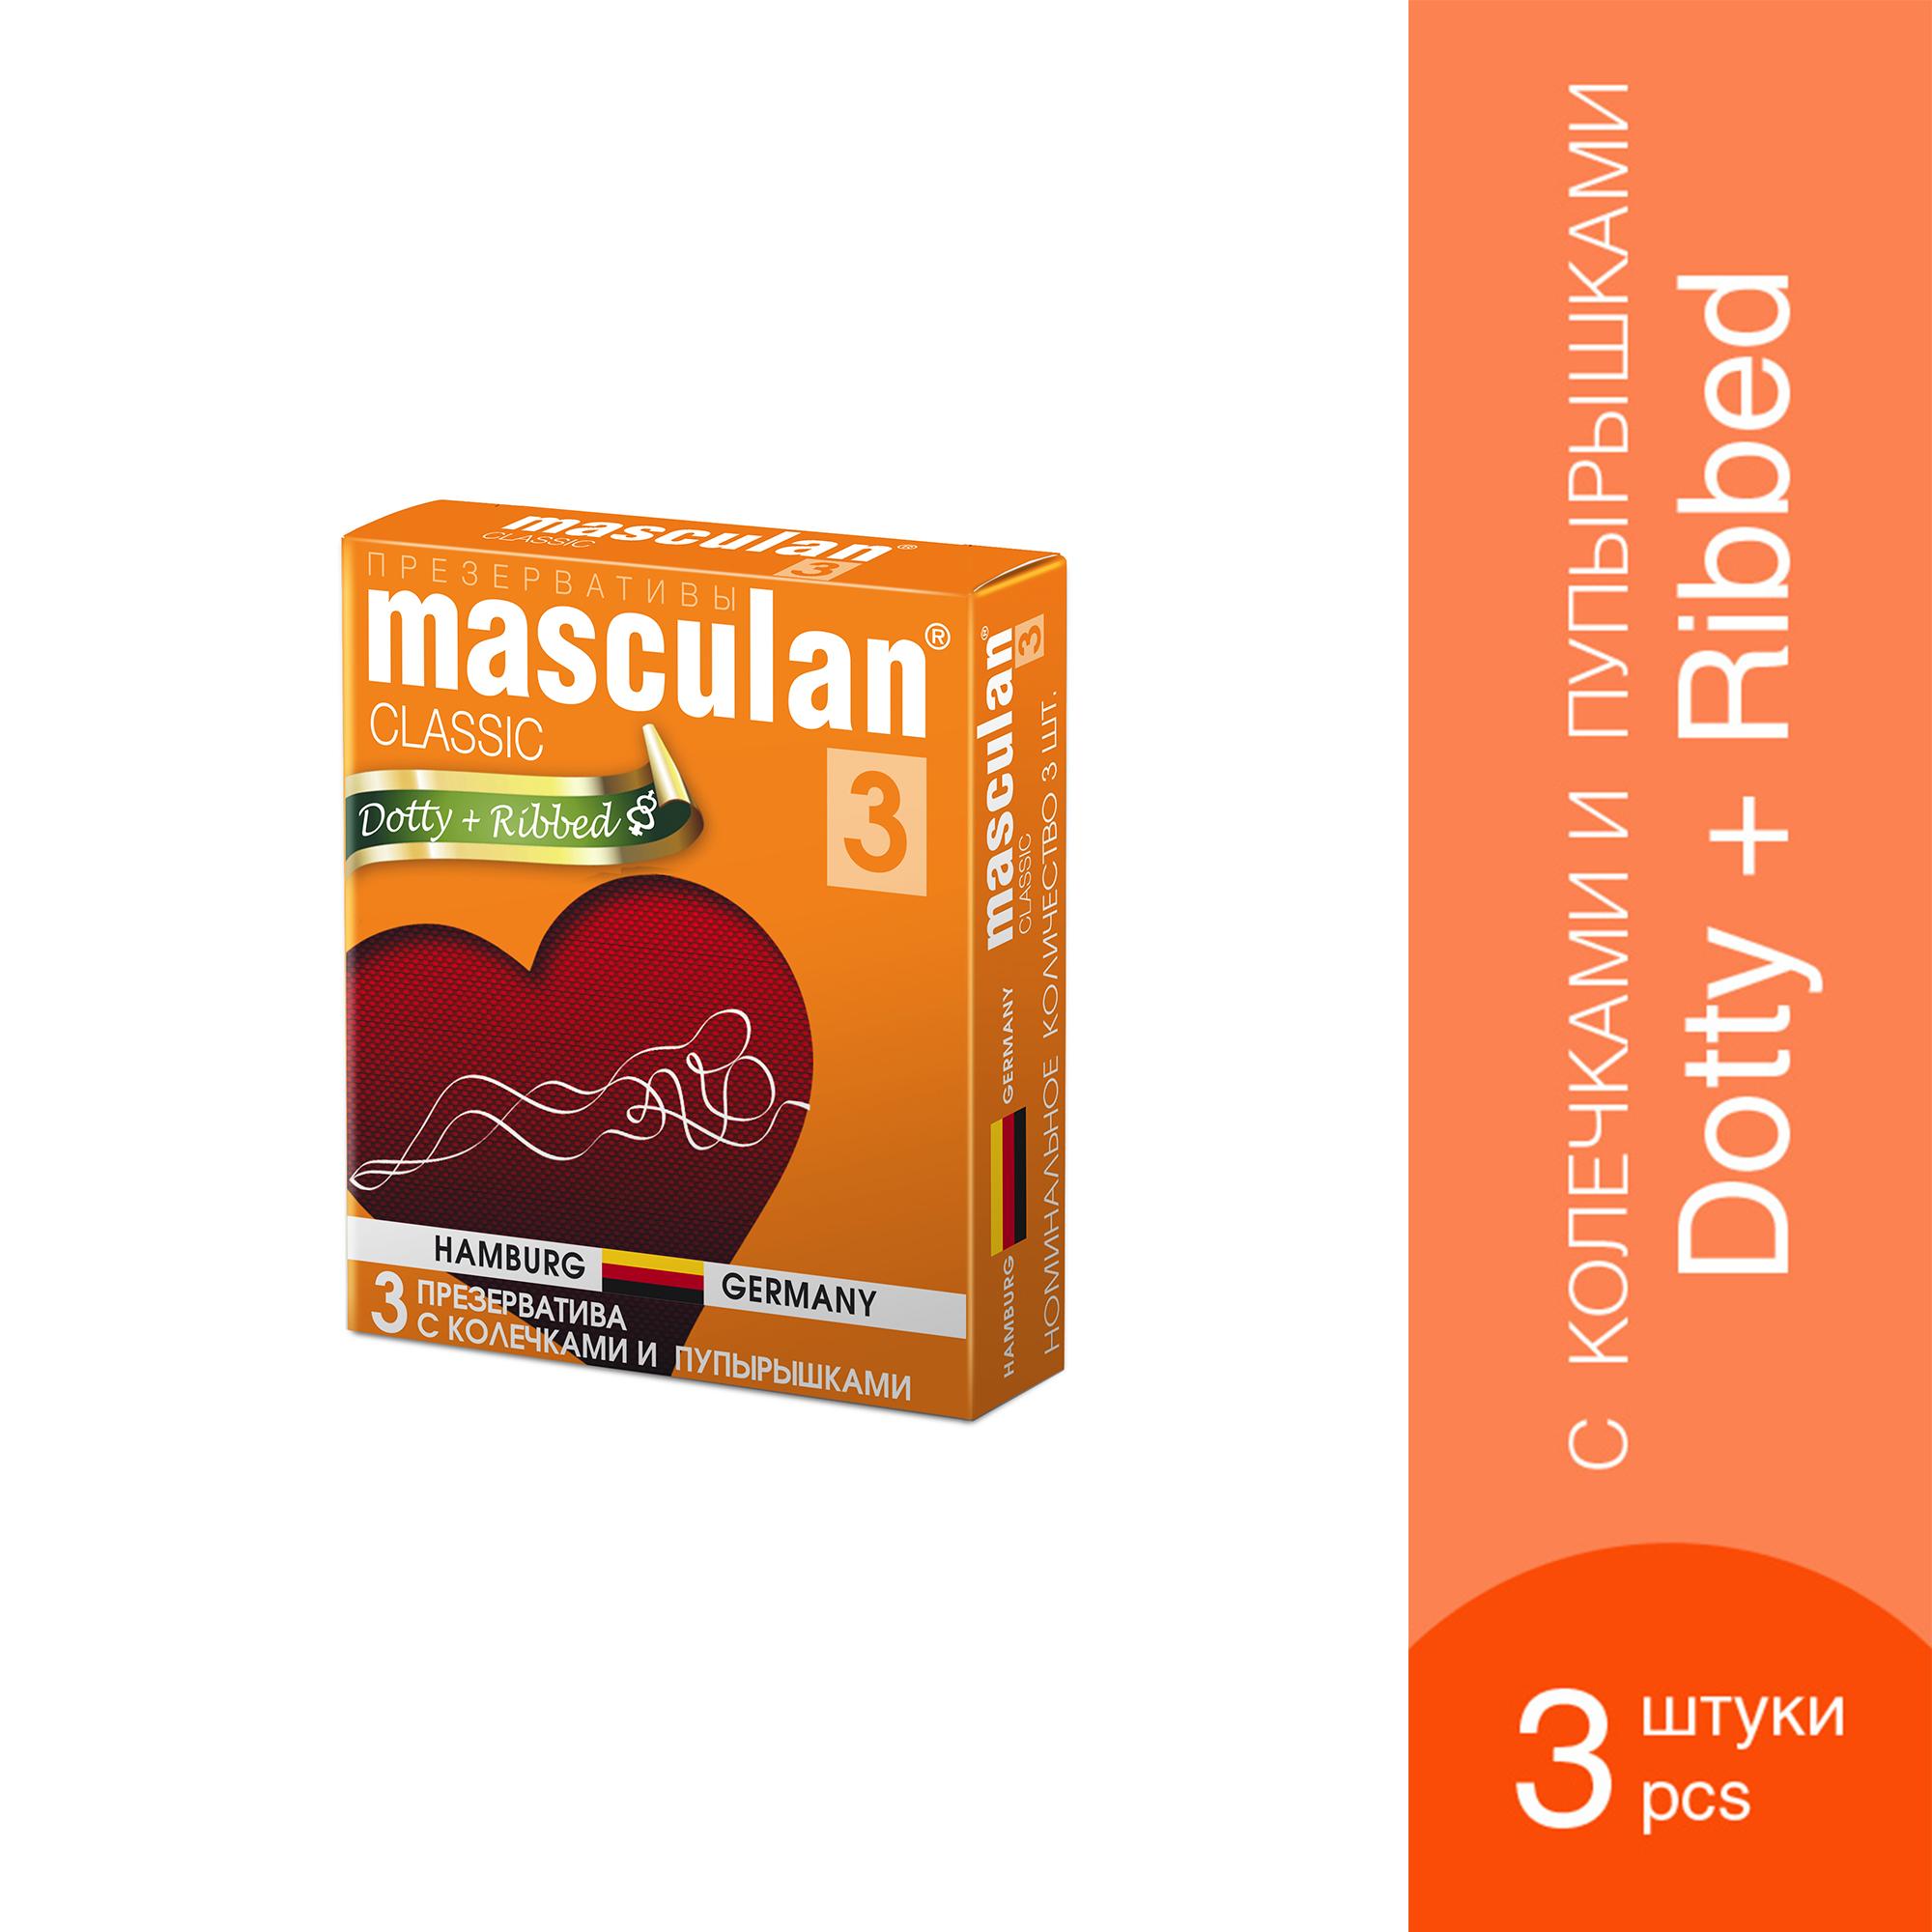 презервативы-маскулан-классик-тип3-колечками-пупырышками-3шт